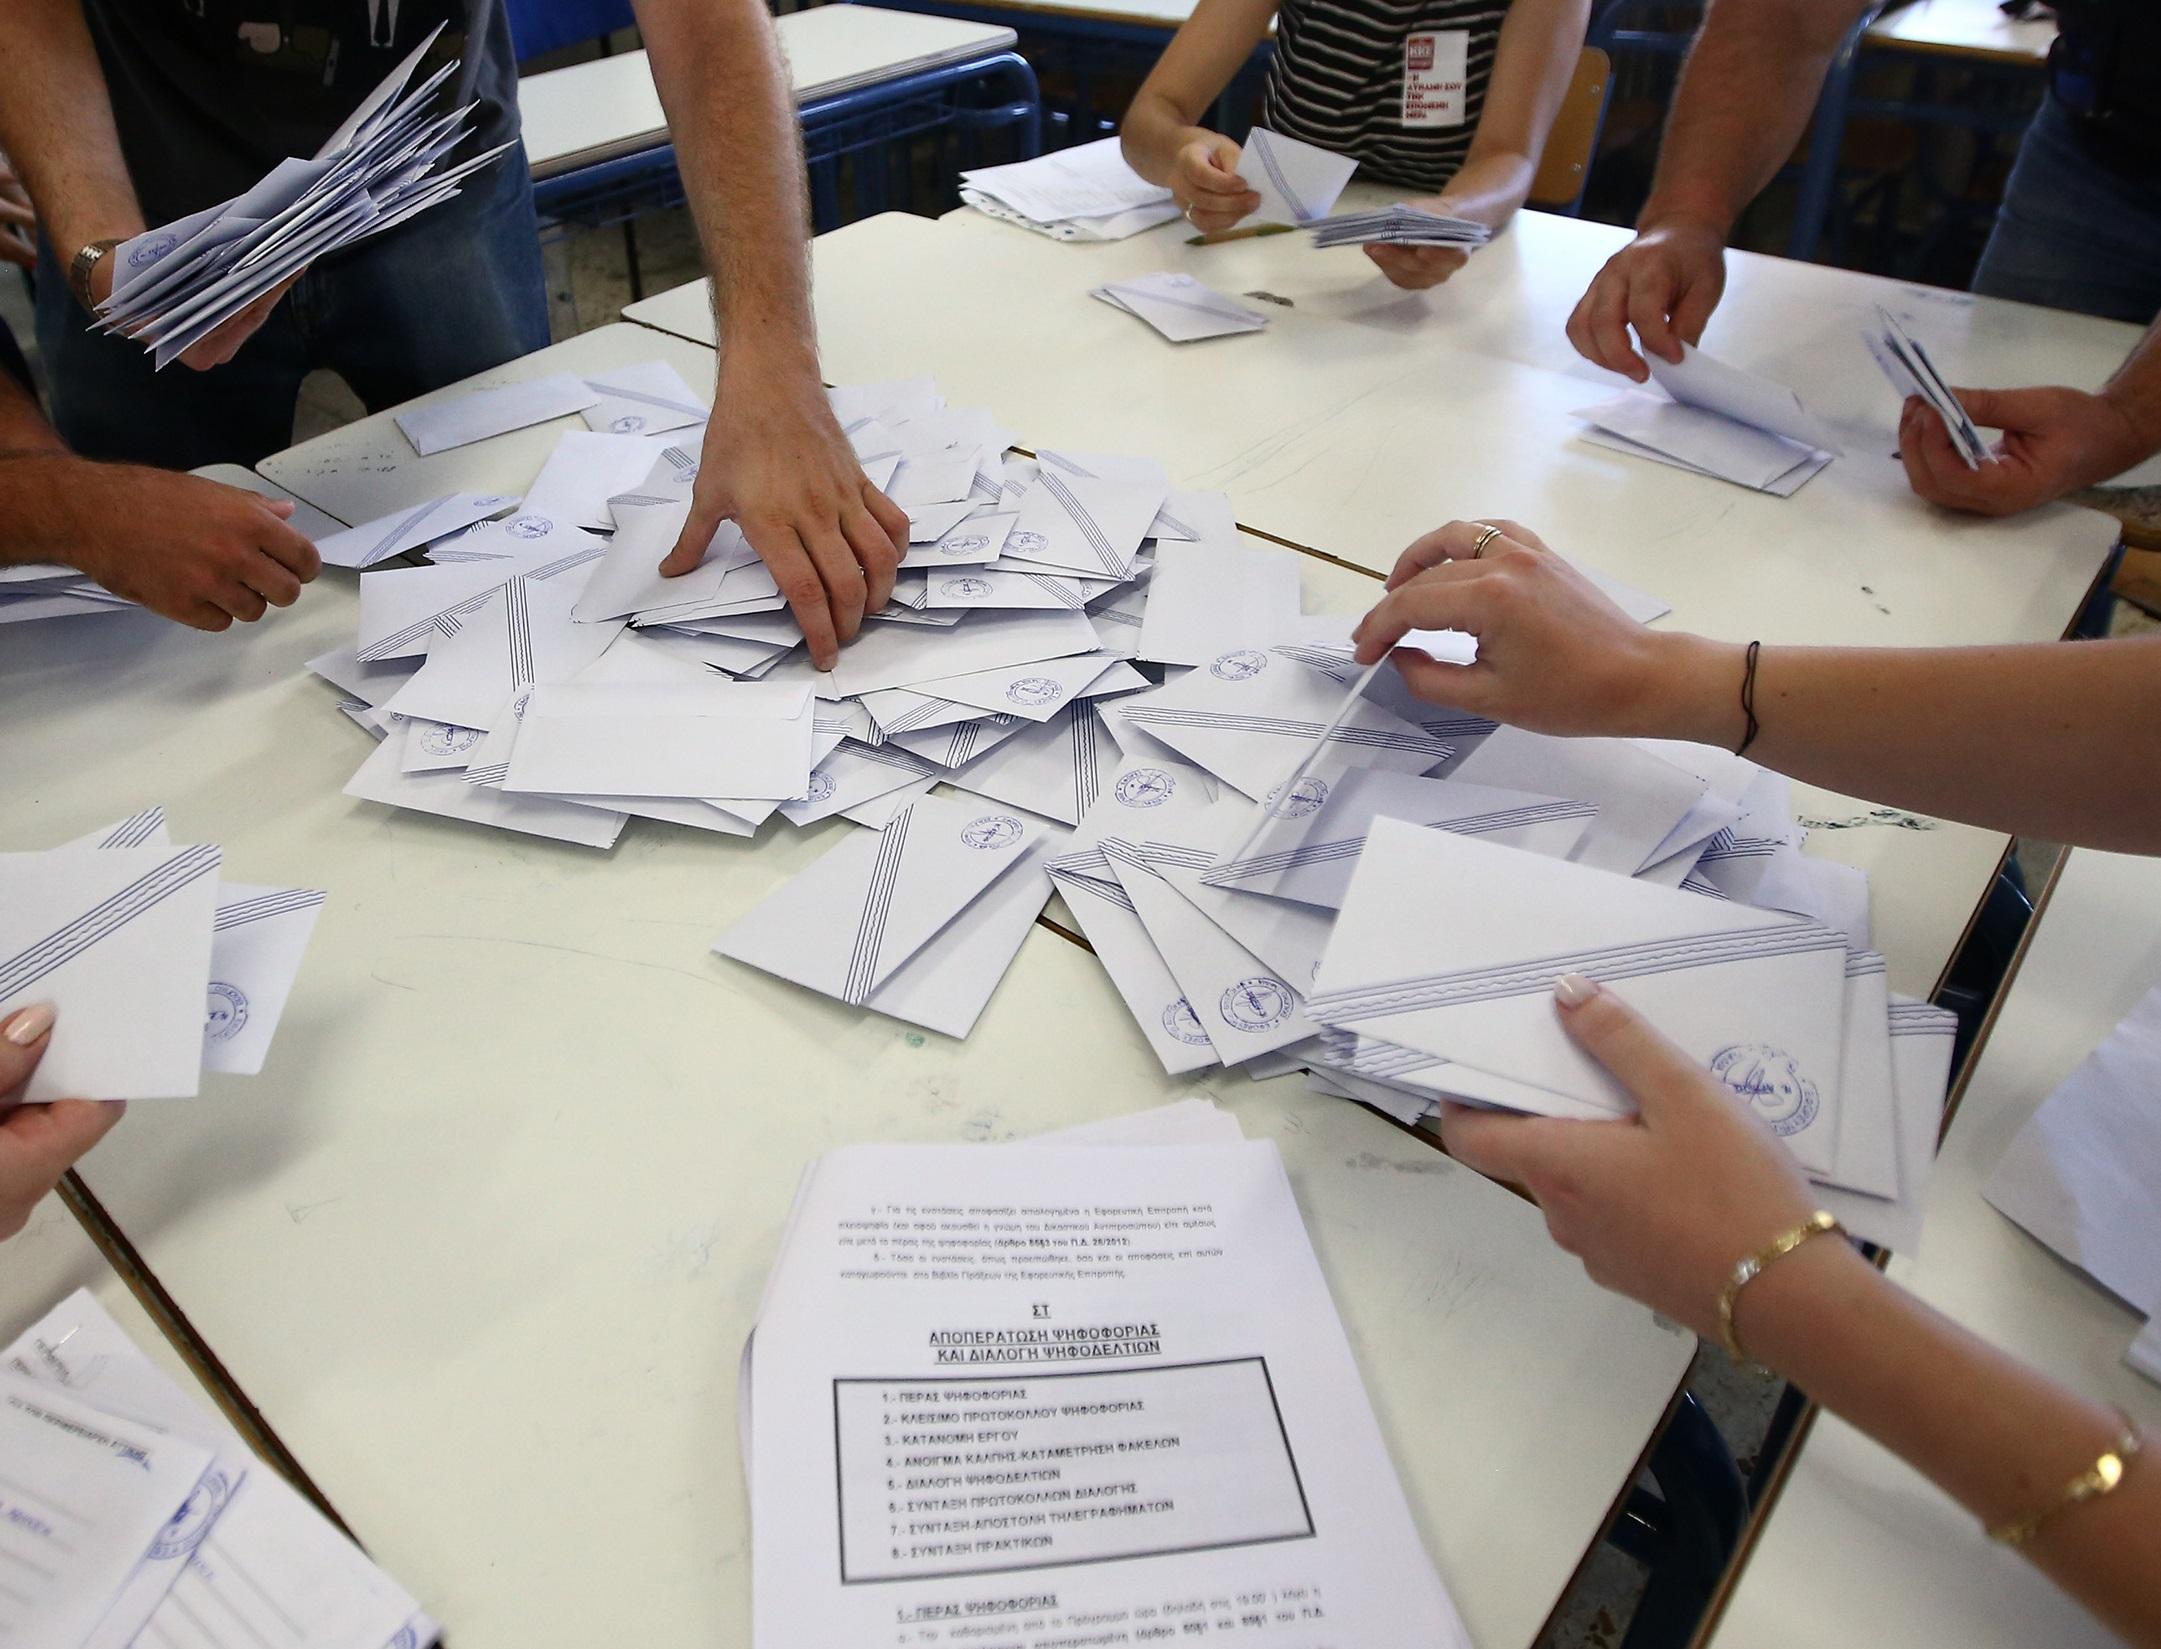 Αυτό είναι το σχέδιο νόμου για την κατάργηση περιορισμών στην ψήφο των απόδημων Ελλήνων